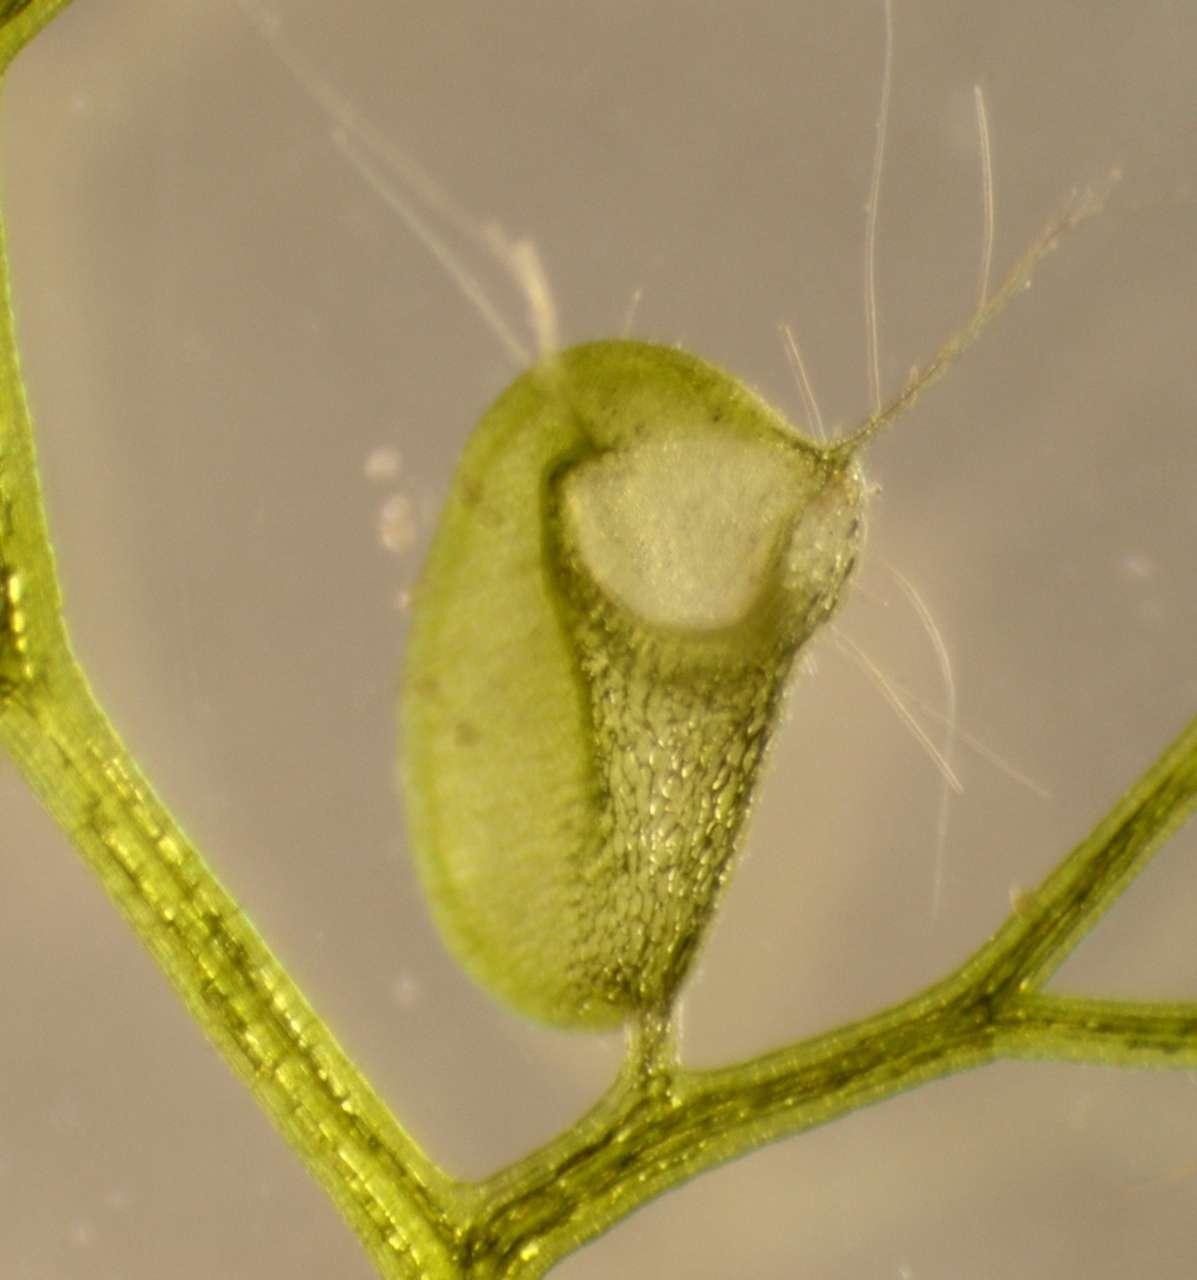 L'utriculaire (ici Utricularia vulgaris) est une plante carnivore aquatique, pourvue de pièges à aspiration pour la capture de petits animaux aquatiques. © Carmen Weißkopf